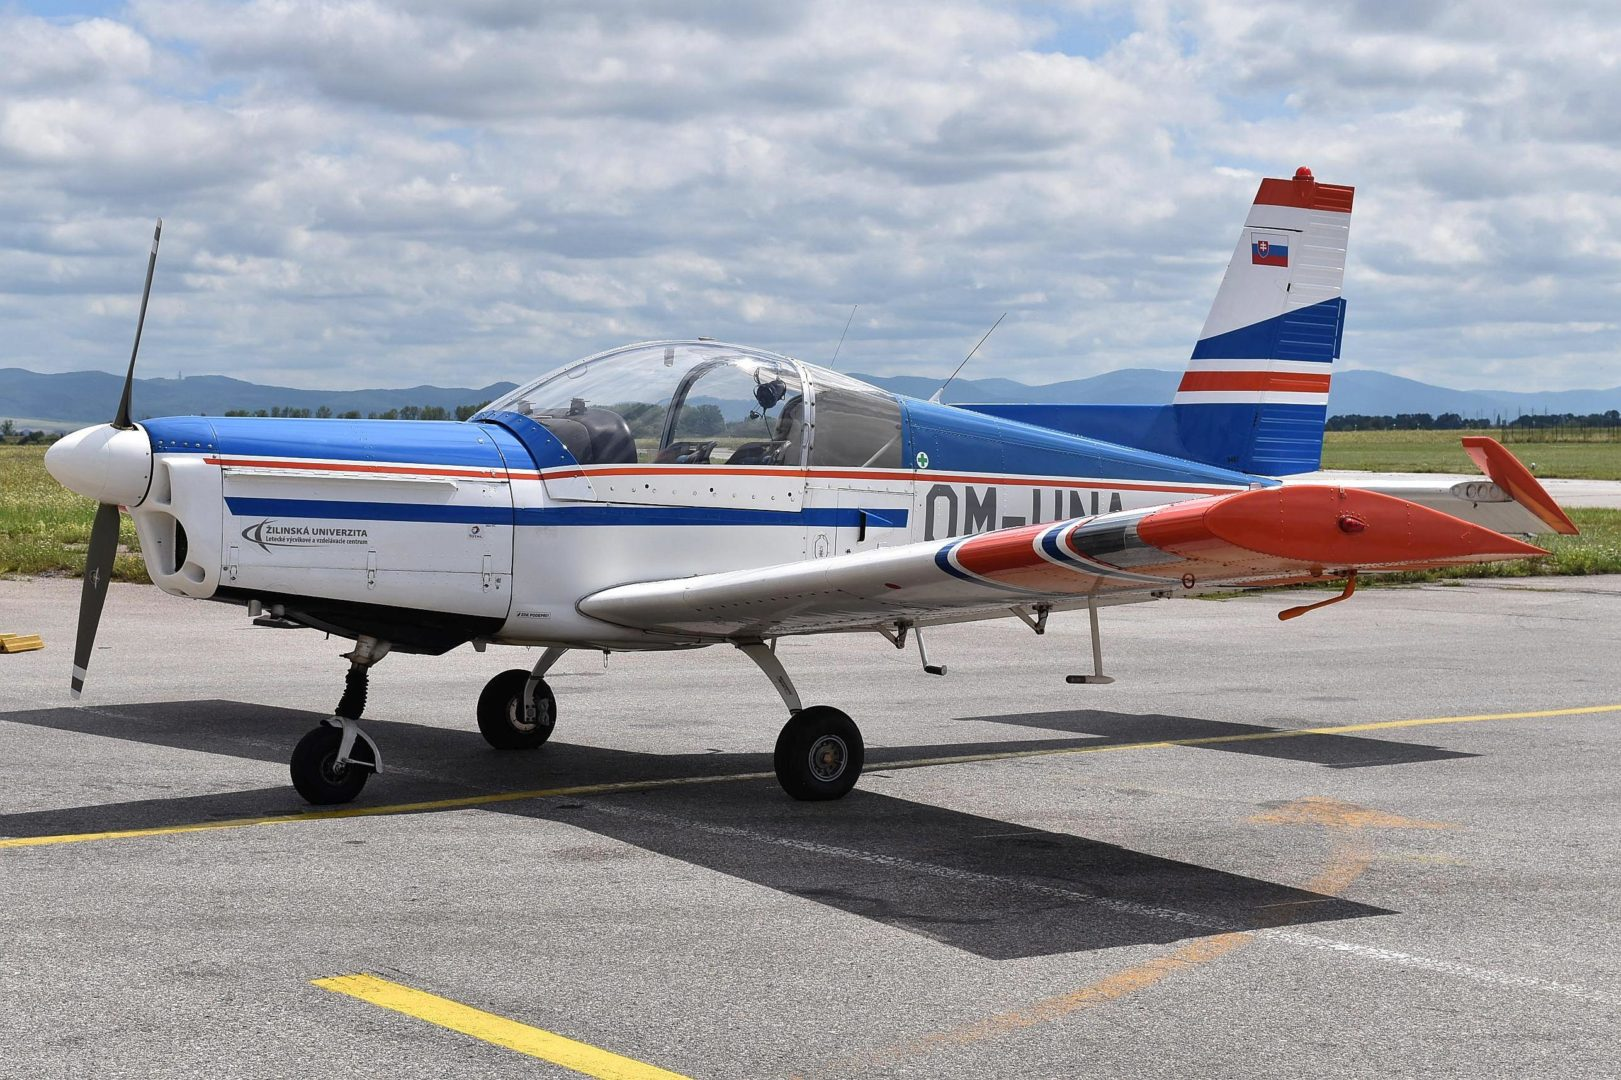 Z-142 OM-UNA c.1